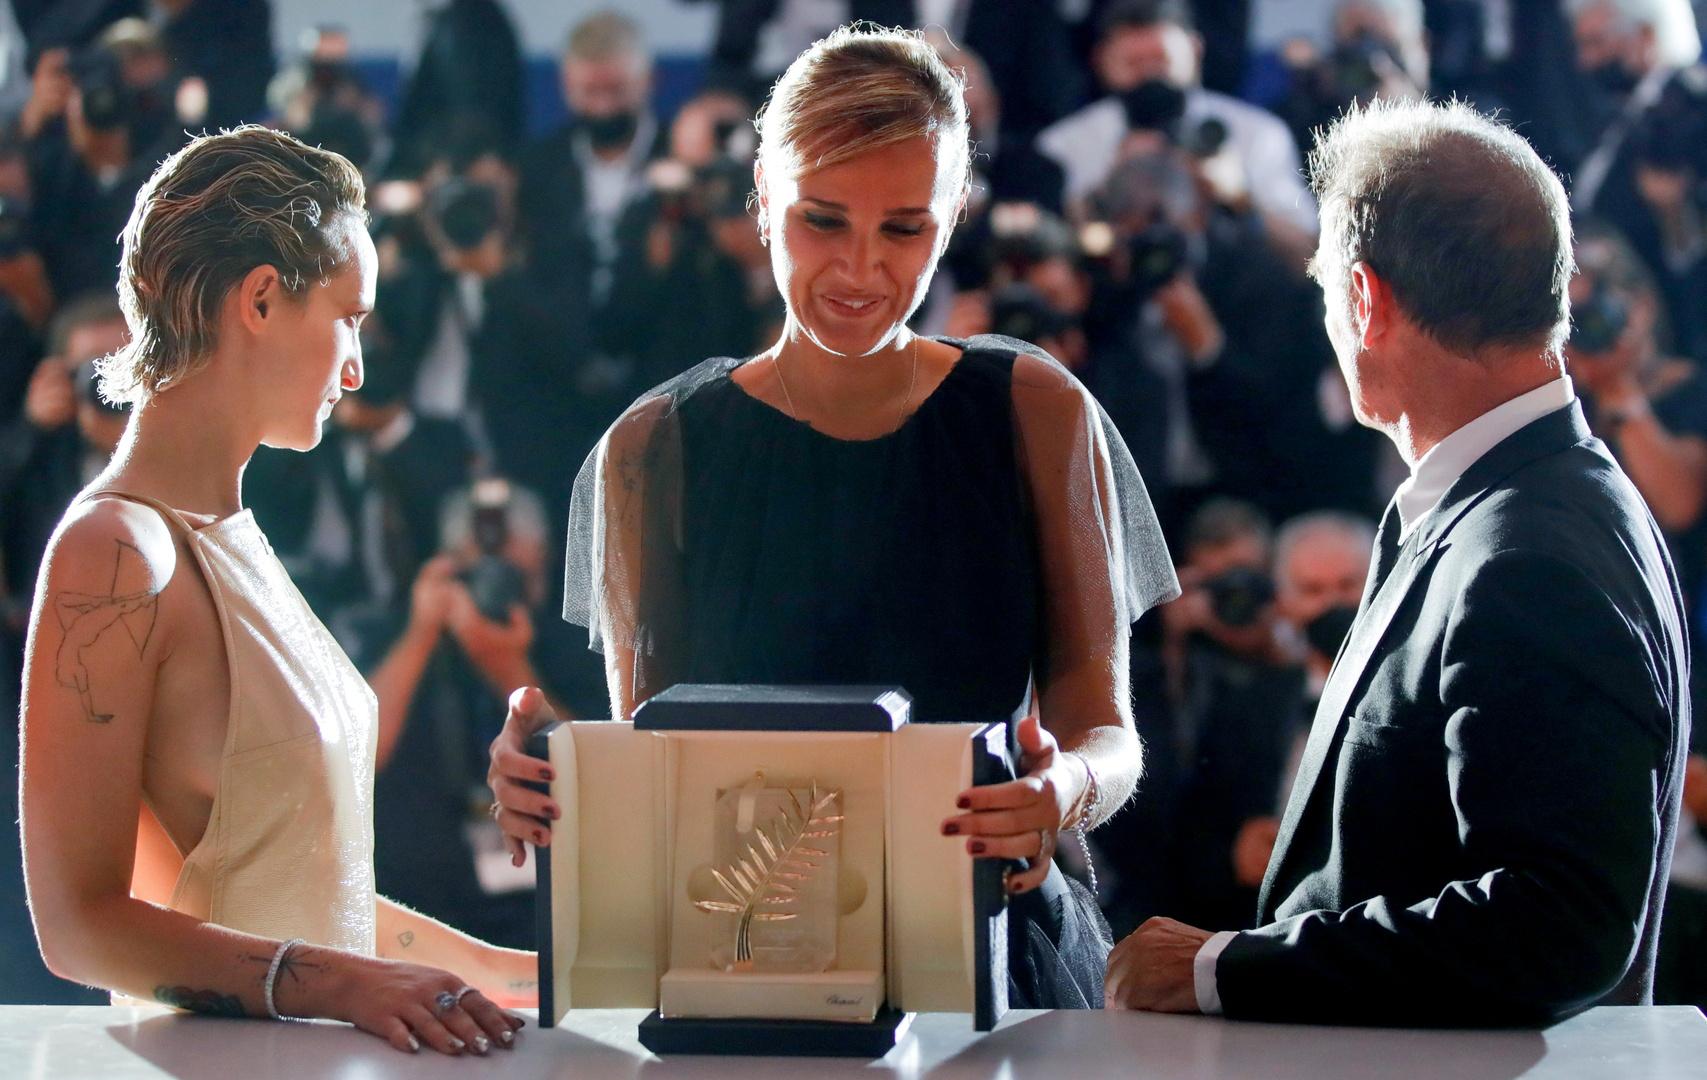 المخرجة جوليا دوكورناو الحائزة على جائزة السعفة الذهبية عن فيلم